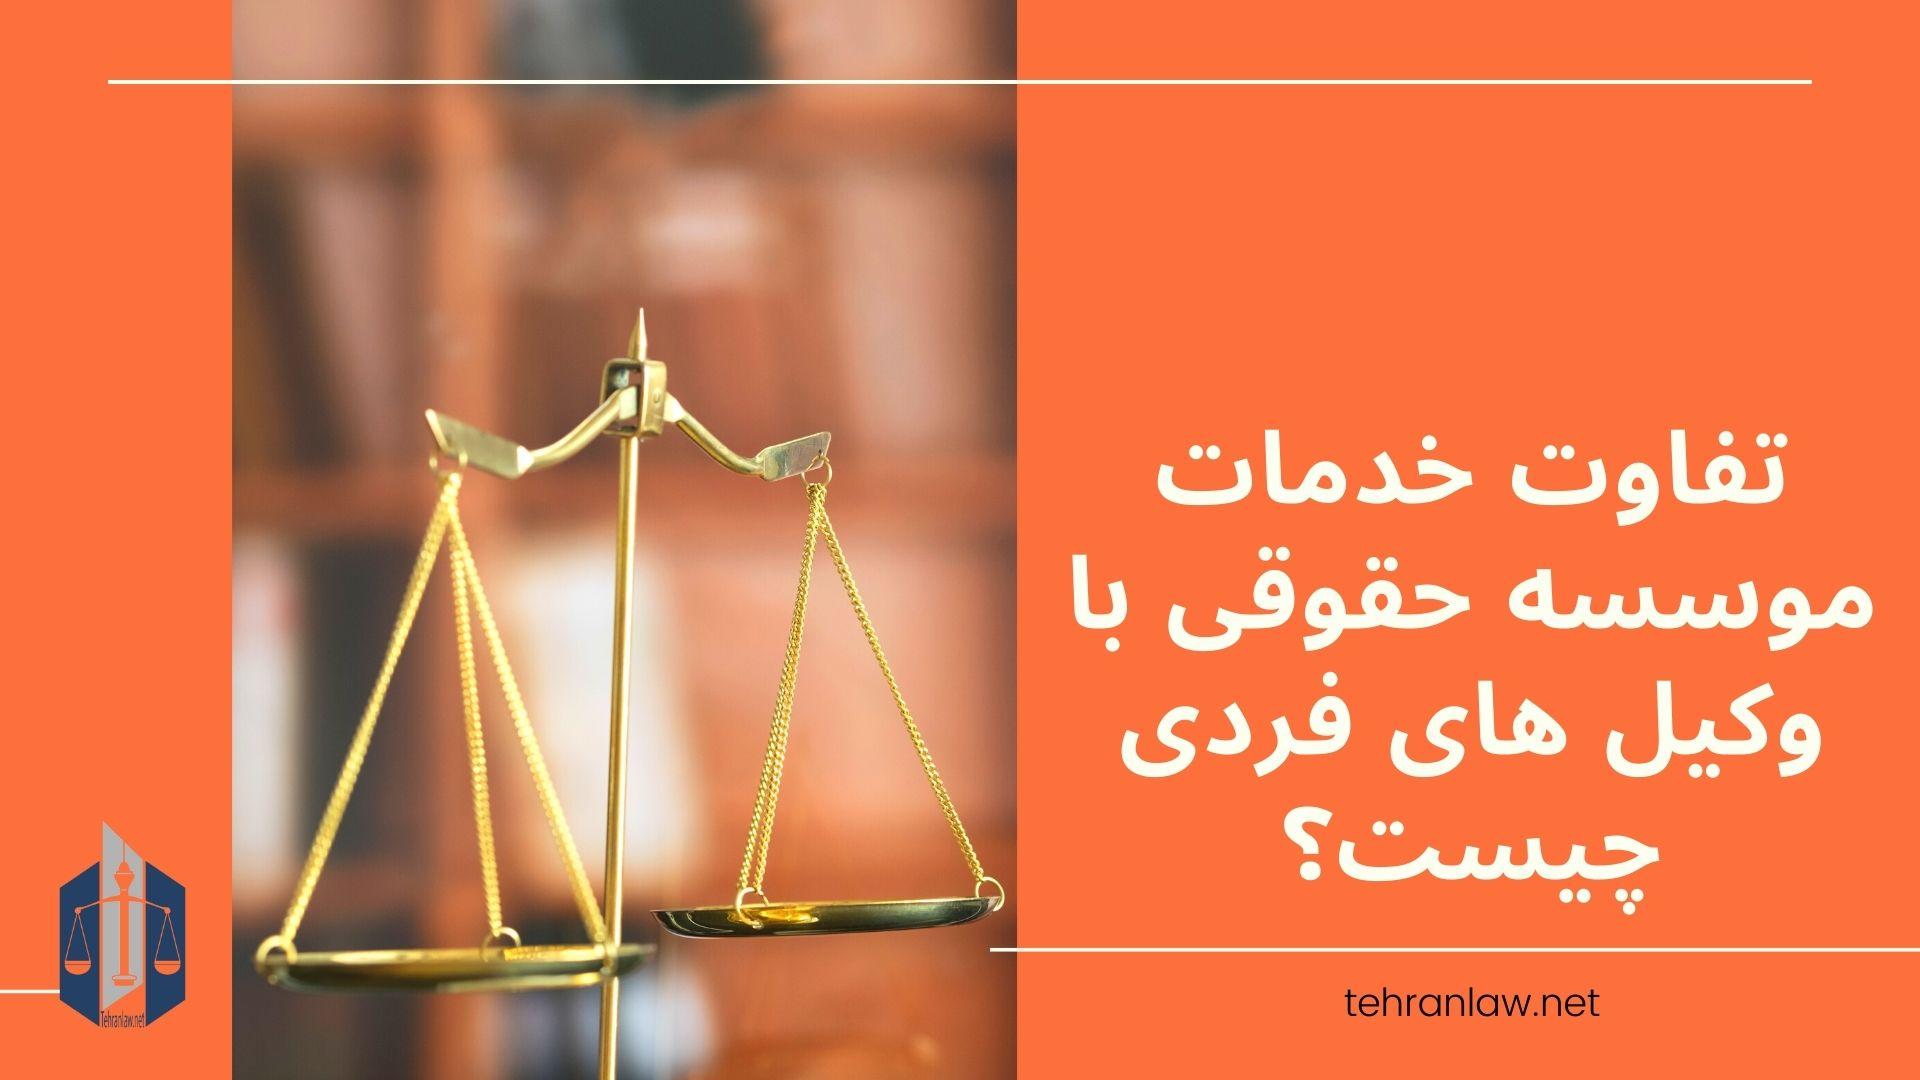 تفاوت خدمات موسسه حقوقی با وکیل های فردی چیست؟